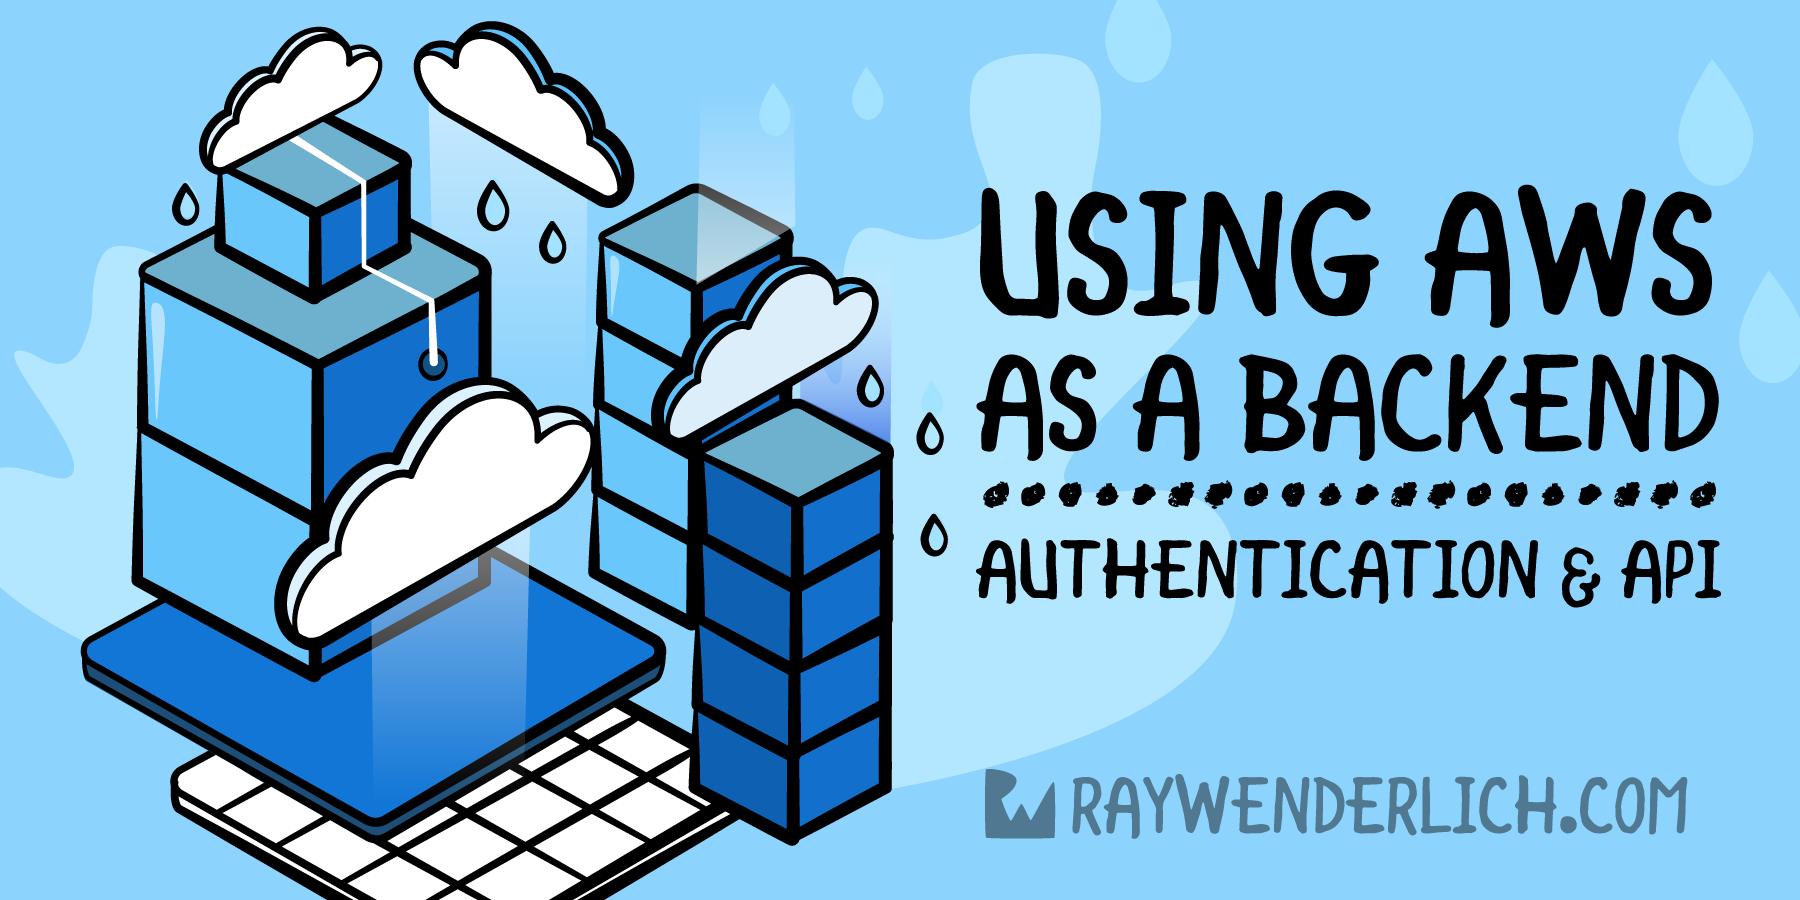 Using AWS as a Back End: Authentication & API [FREE] - RapidAPI